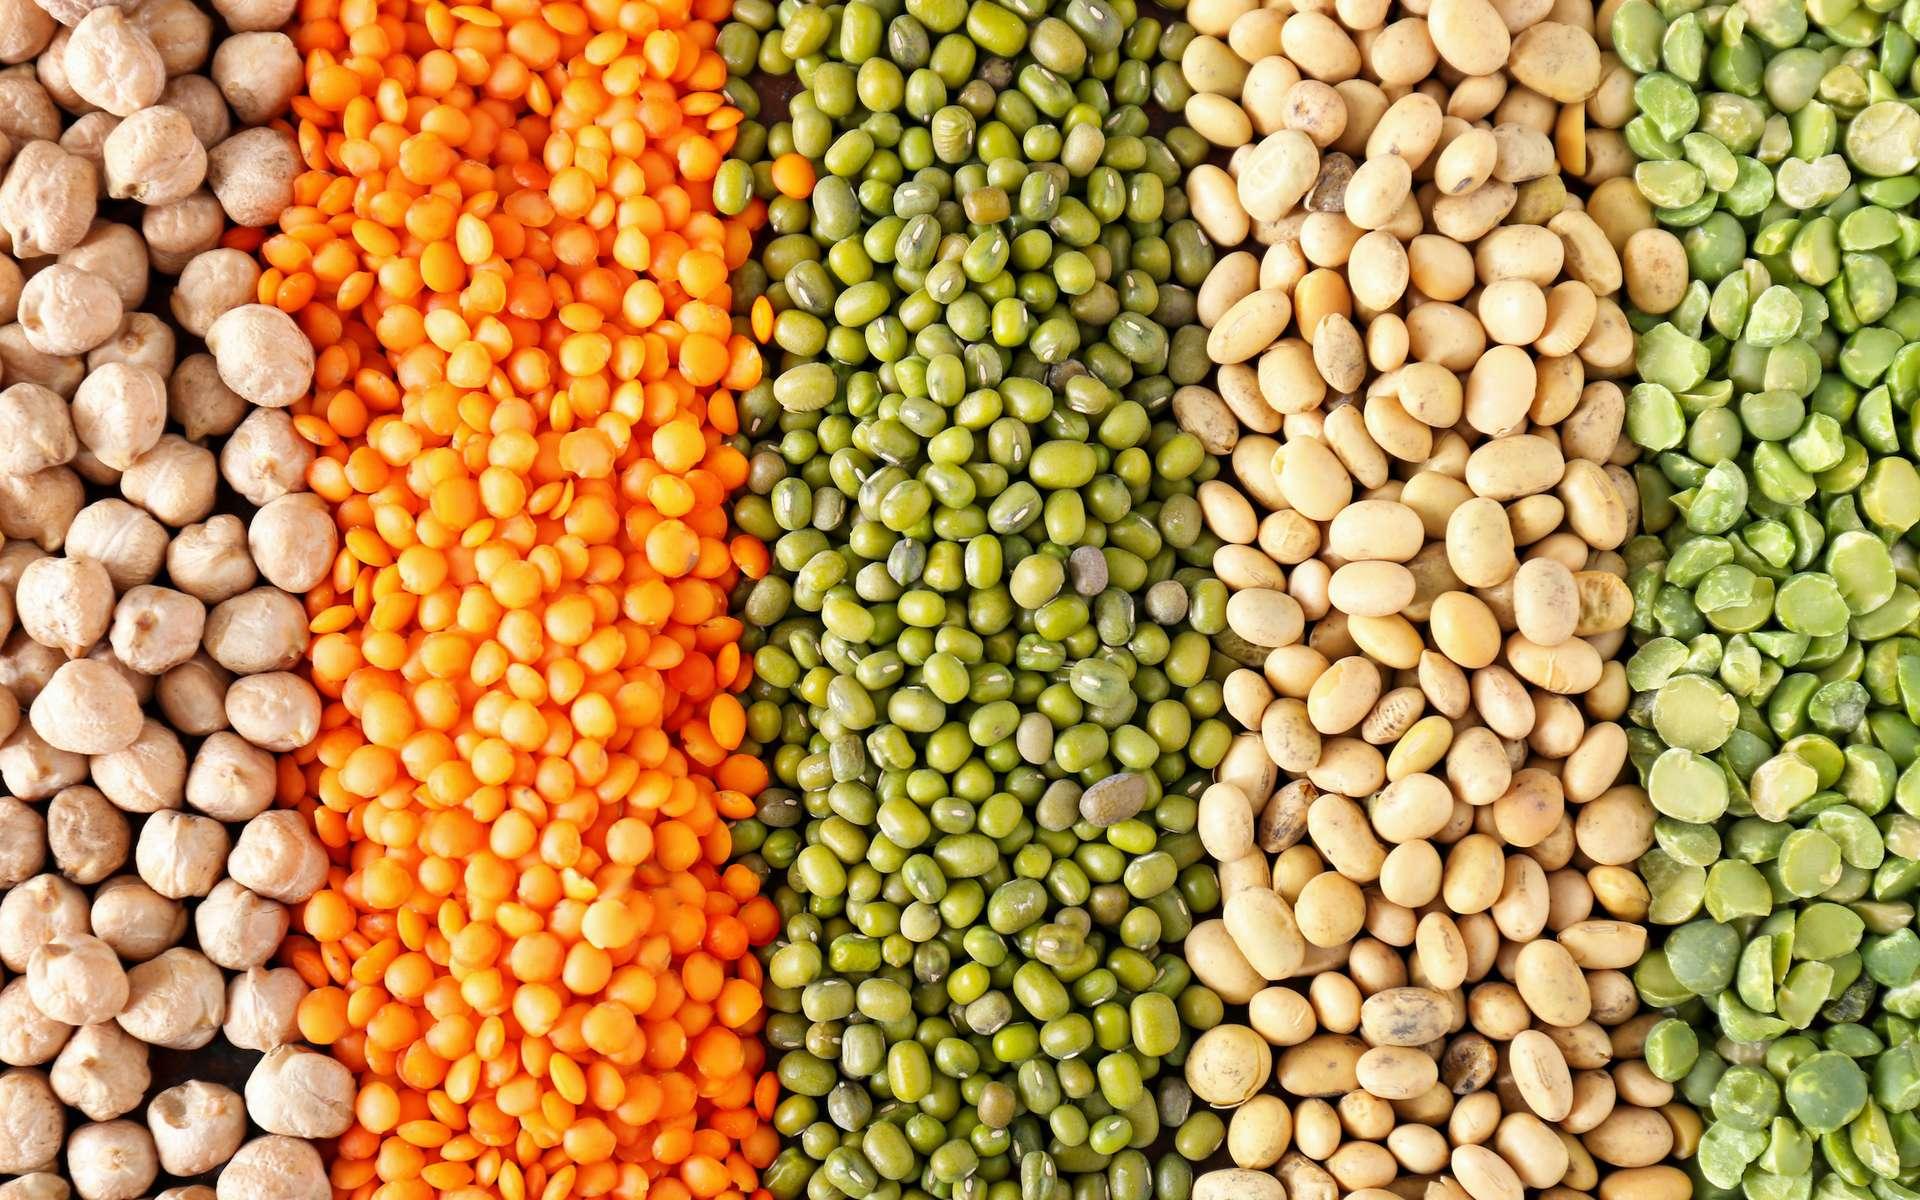 Les légumineuses sont utilisées dans l'alimentation humaine ou animale. © Pixel-Shot, Adobe Stock